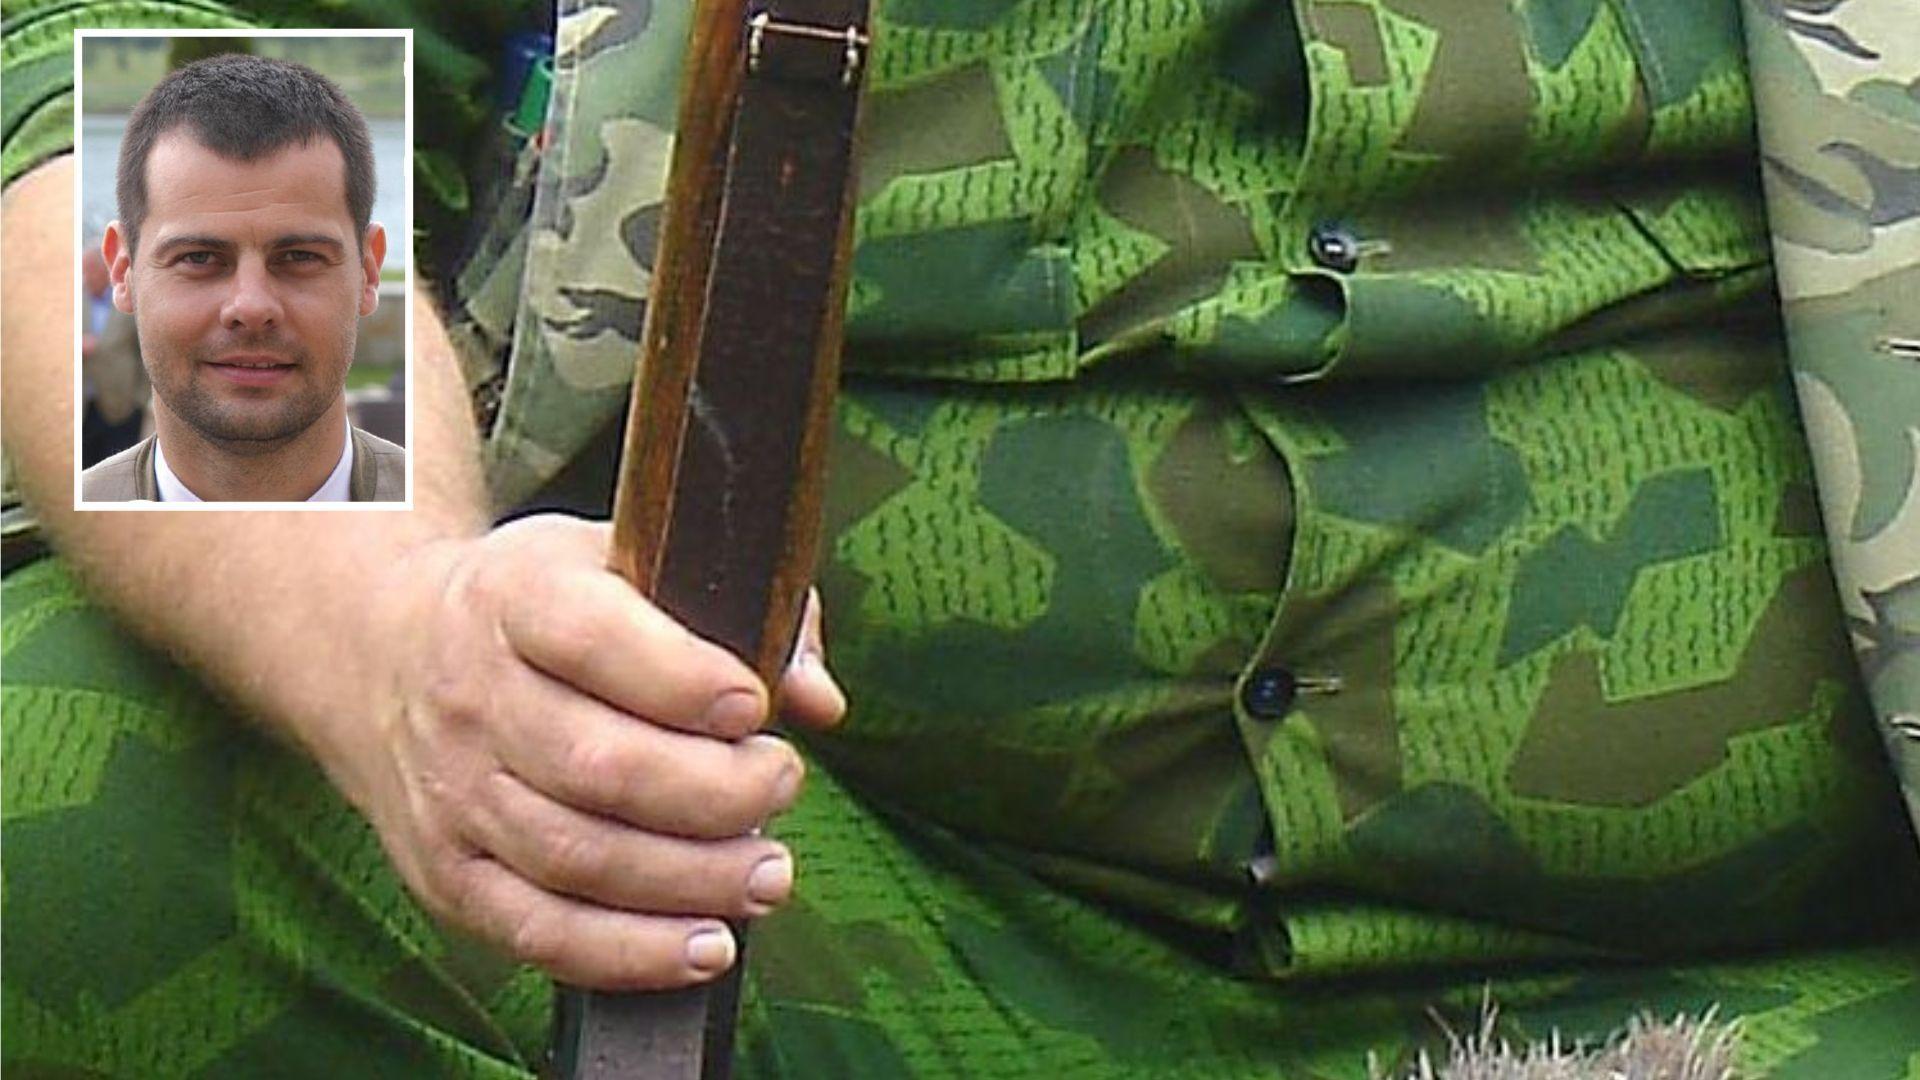 Васил Василев: Груповият лов бе разрешен от група депутати, министърът взе правилно решение да го спре